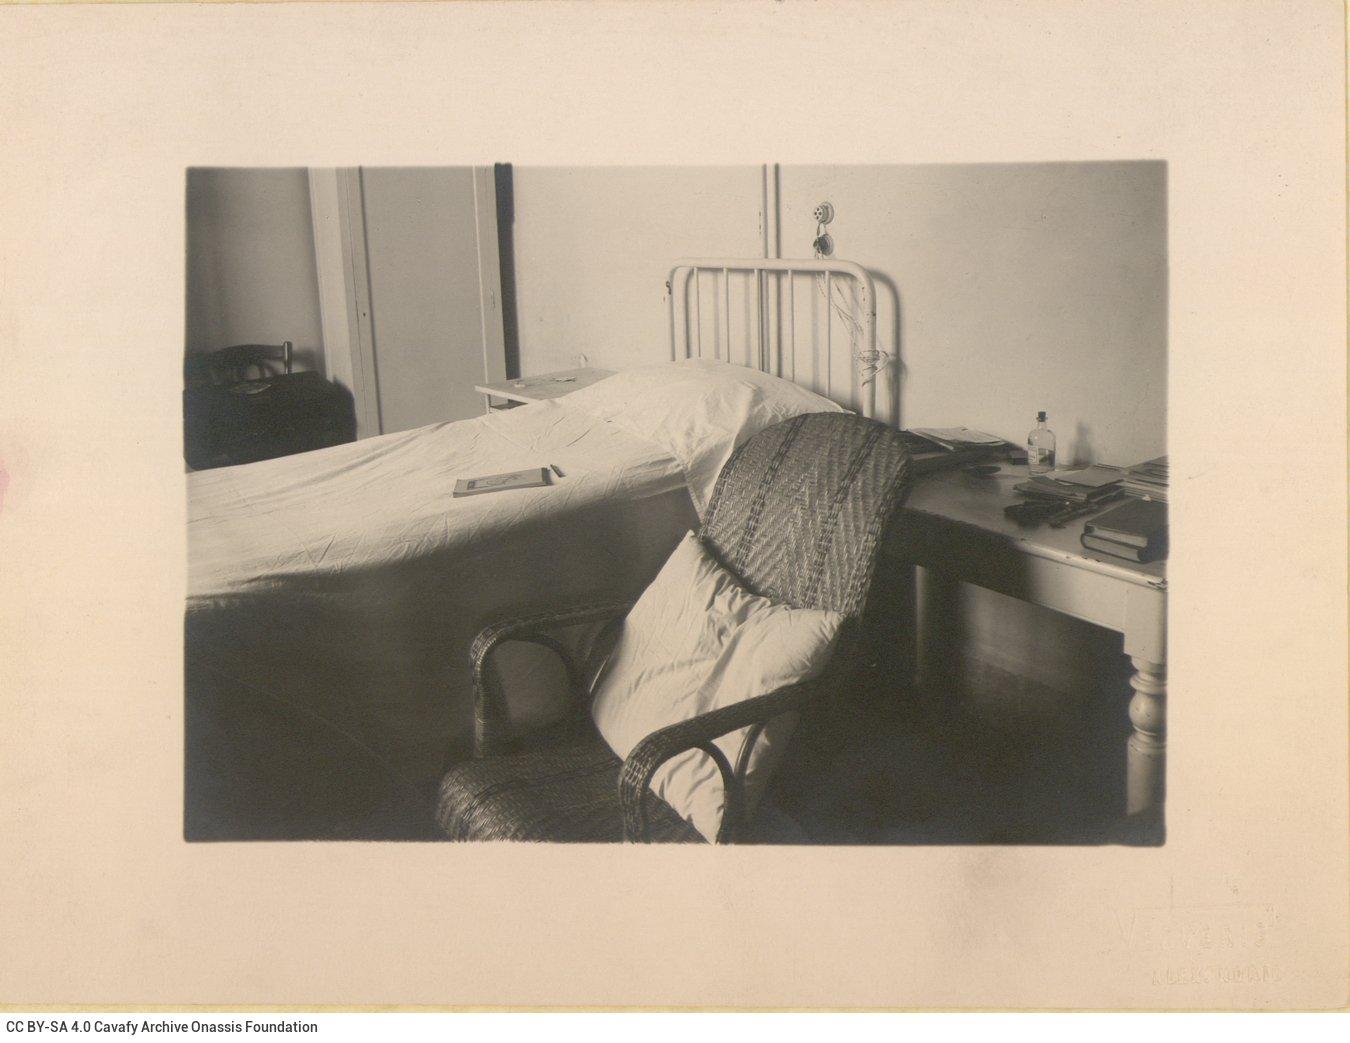 Φωτογραφία του κρεβατιού στο δωμάτιο του Ελληνικού Νοσοκομείου της